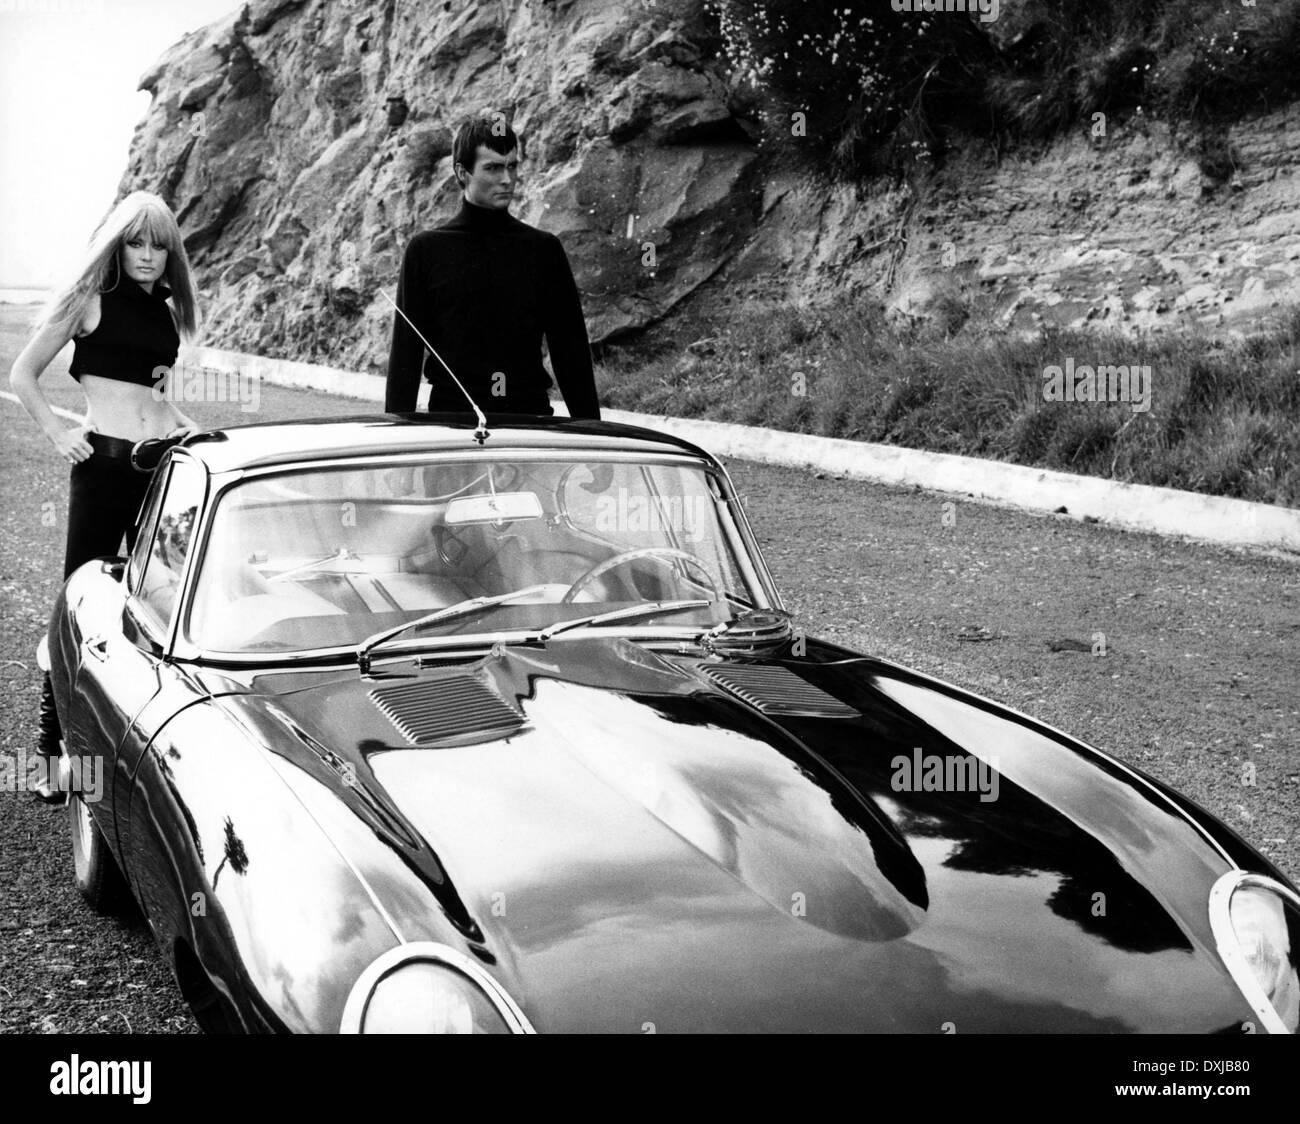 DANGER DIABOLIK (IT/FR 1968) MELISSA MELL, JOHN PHILLIP LAW - Stock Image